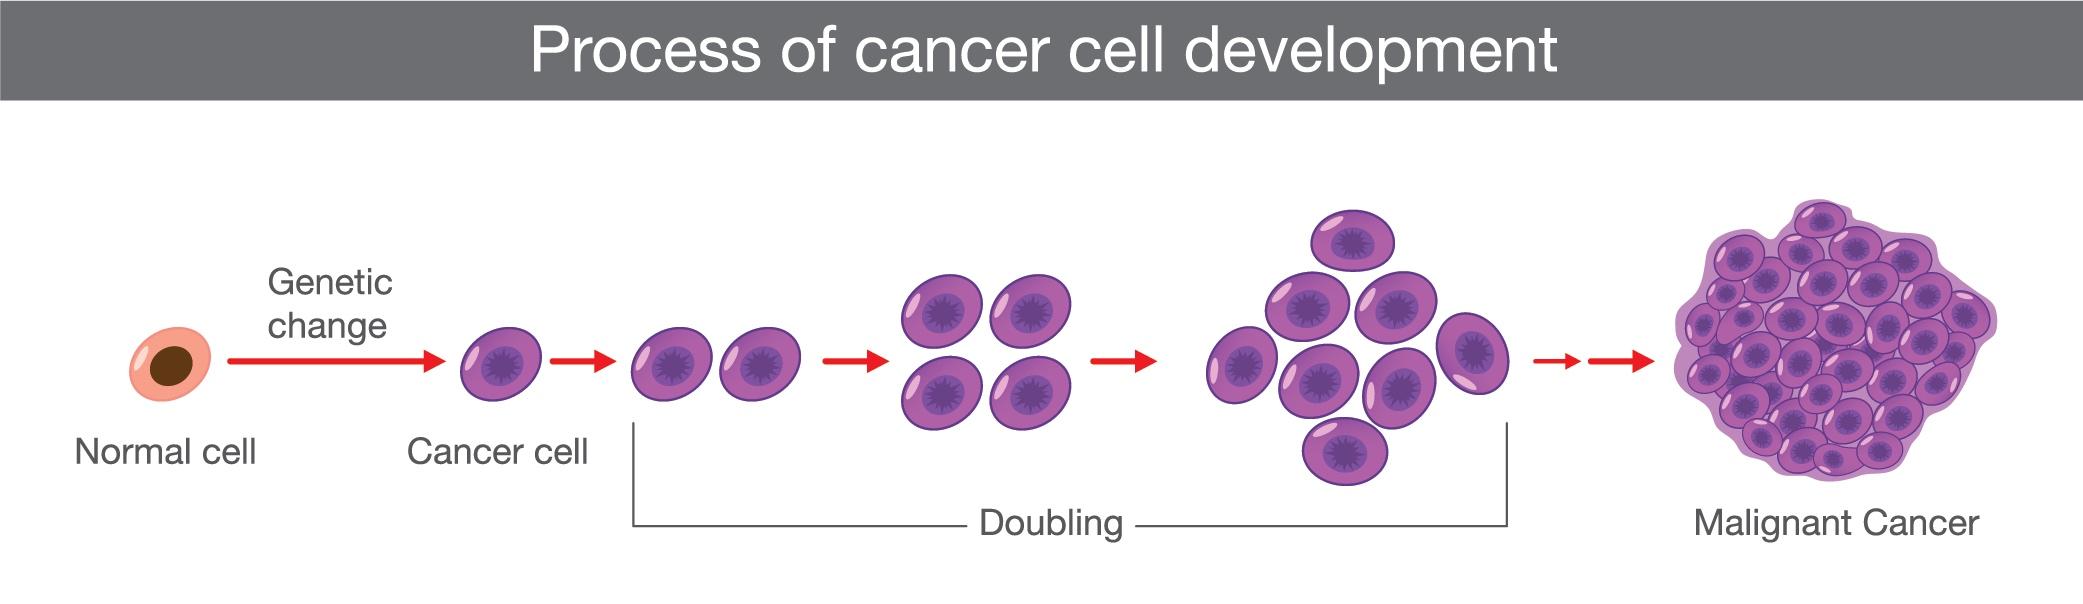 Skin cancer development